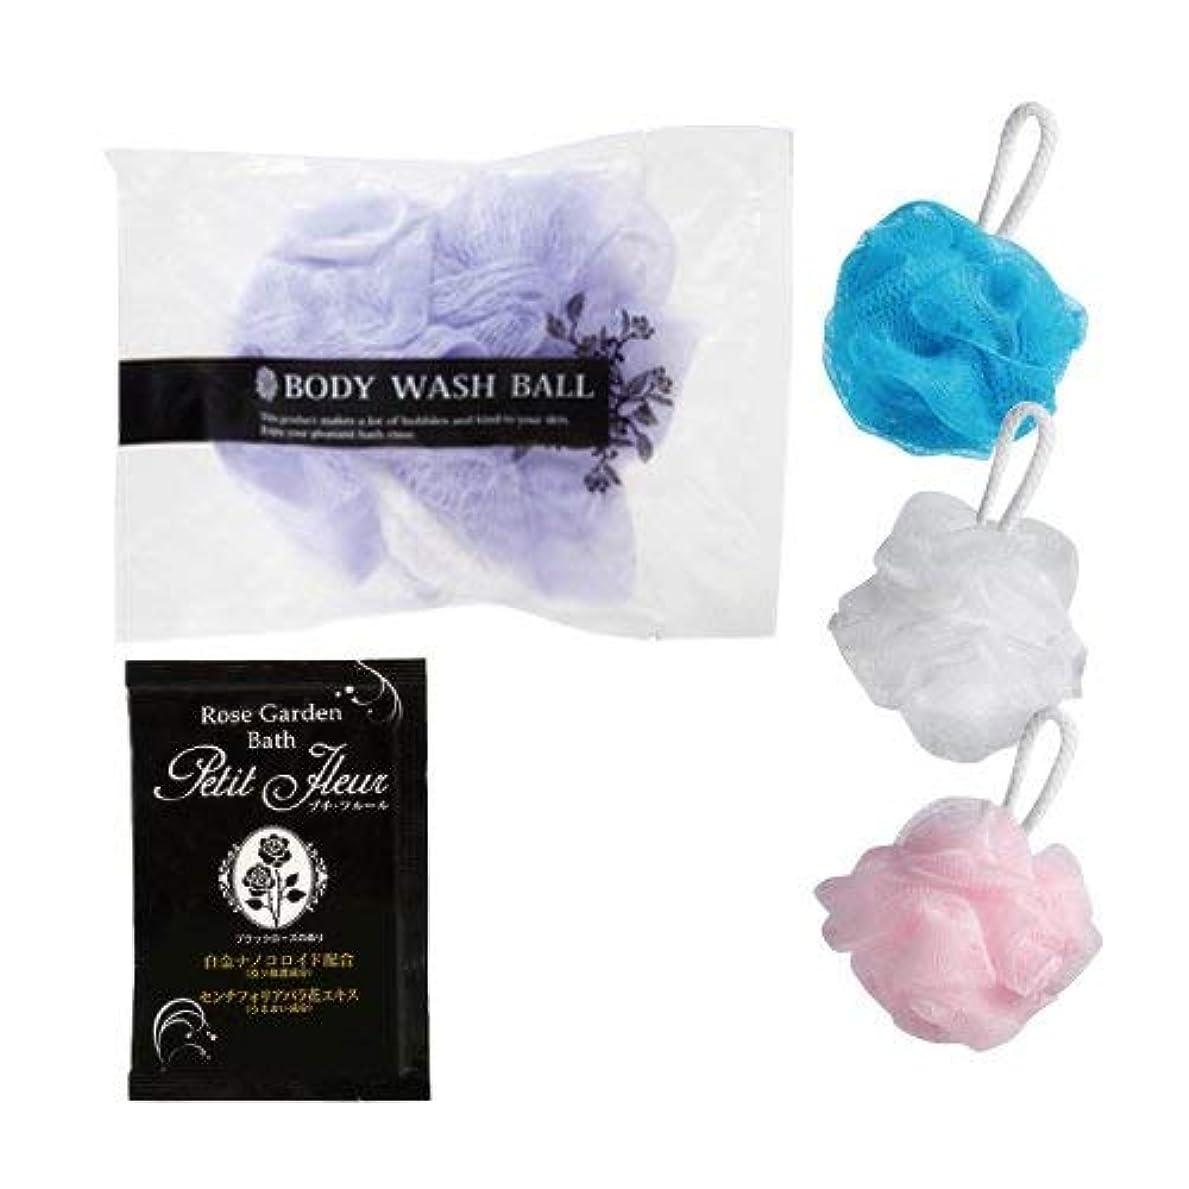 グレードオーロック充電ボディウォッシュボール (BODY WASH BALL) 個包装 (4色アソート) 50個 + 入浴剤プチフルール(1回分)